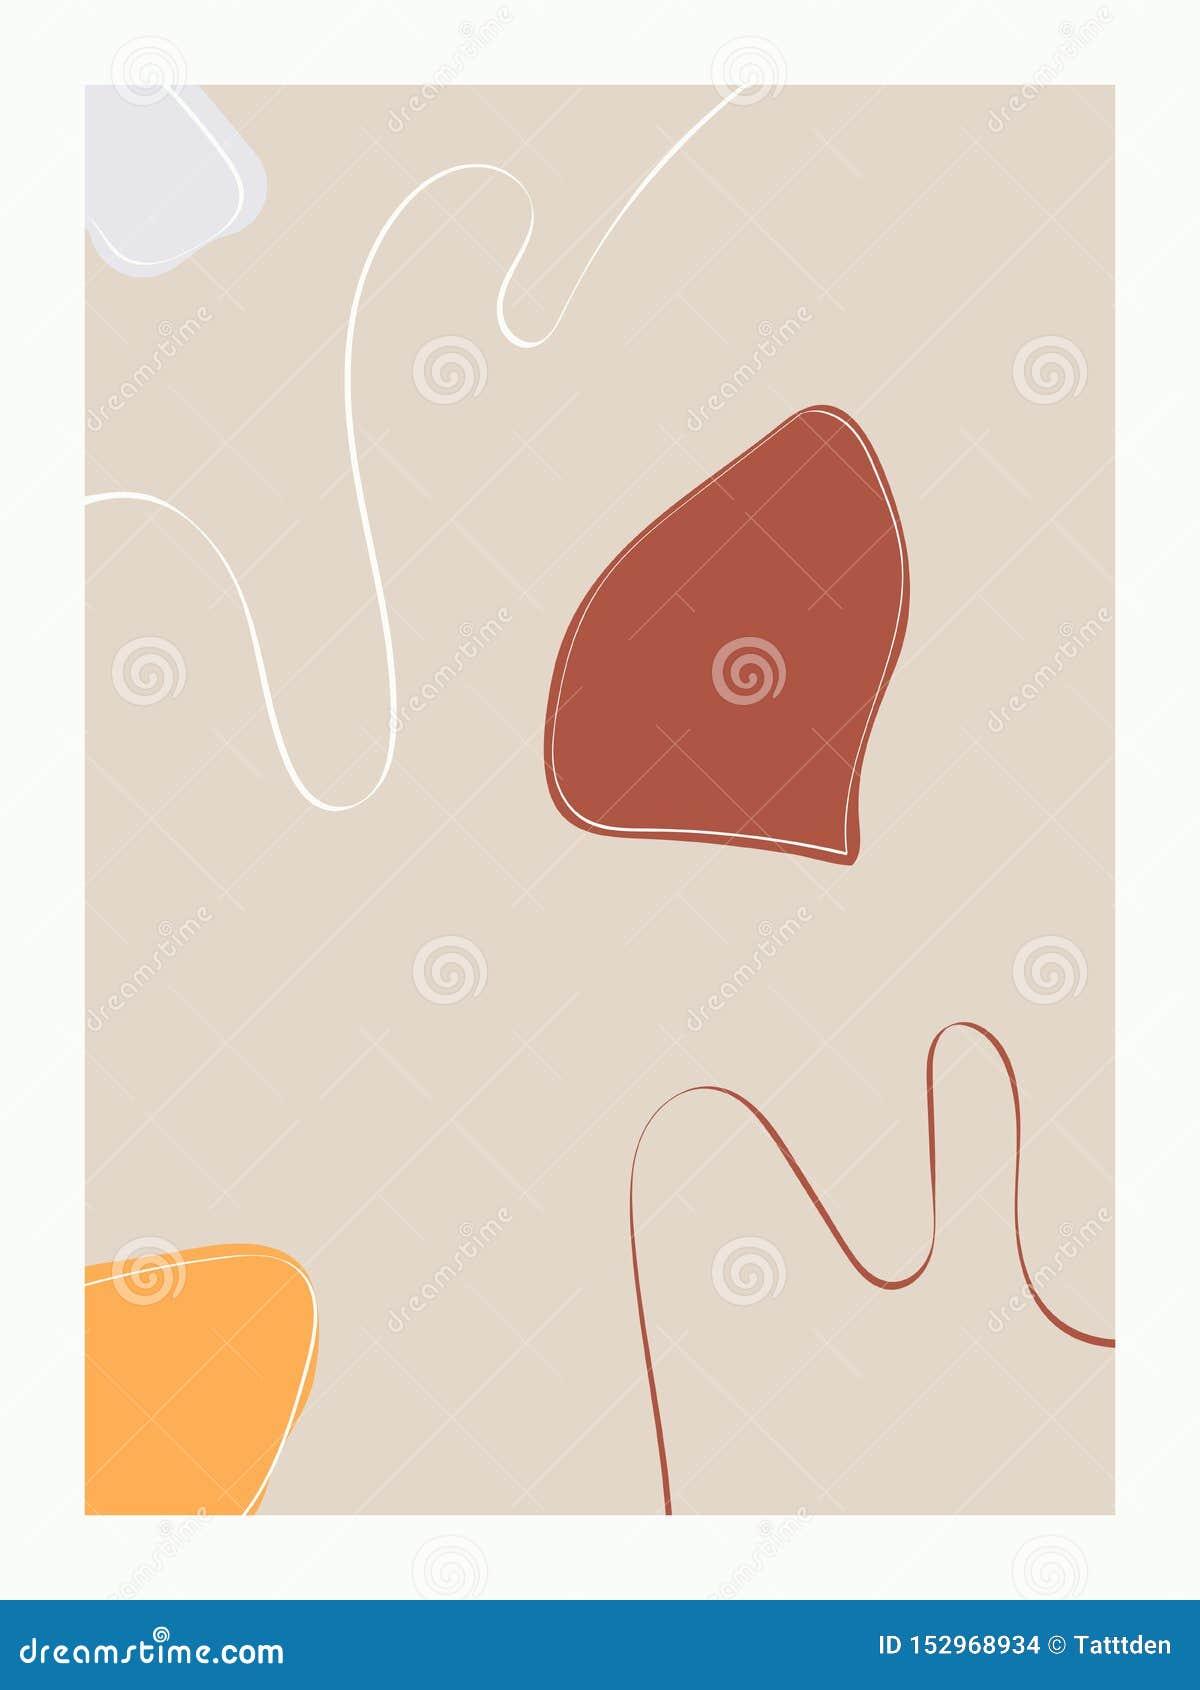 Fondo astratto di arte grafica d avanguardia per cancelleria, partecipazioni di nozze, pubblicità, manifesti della stampa, arte d